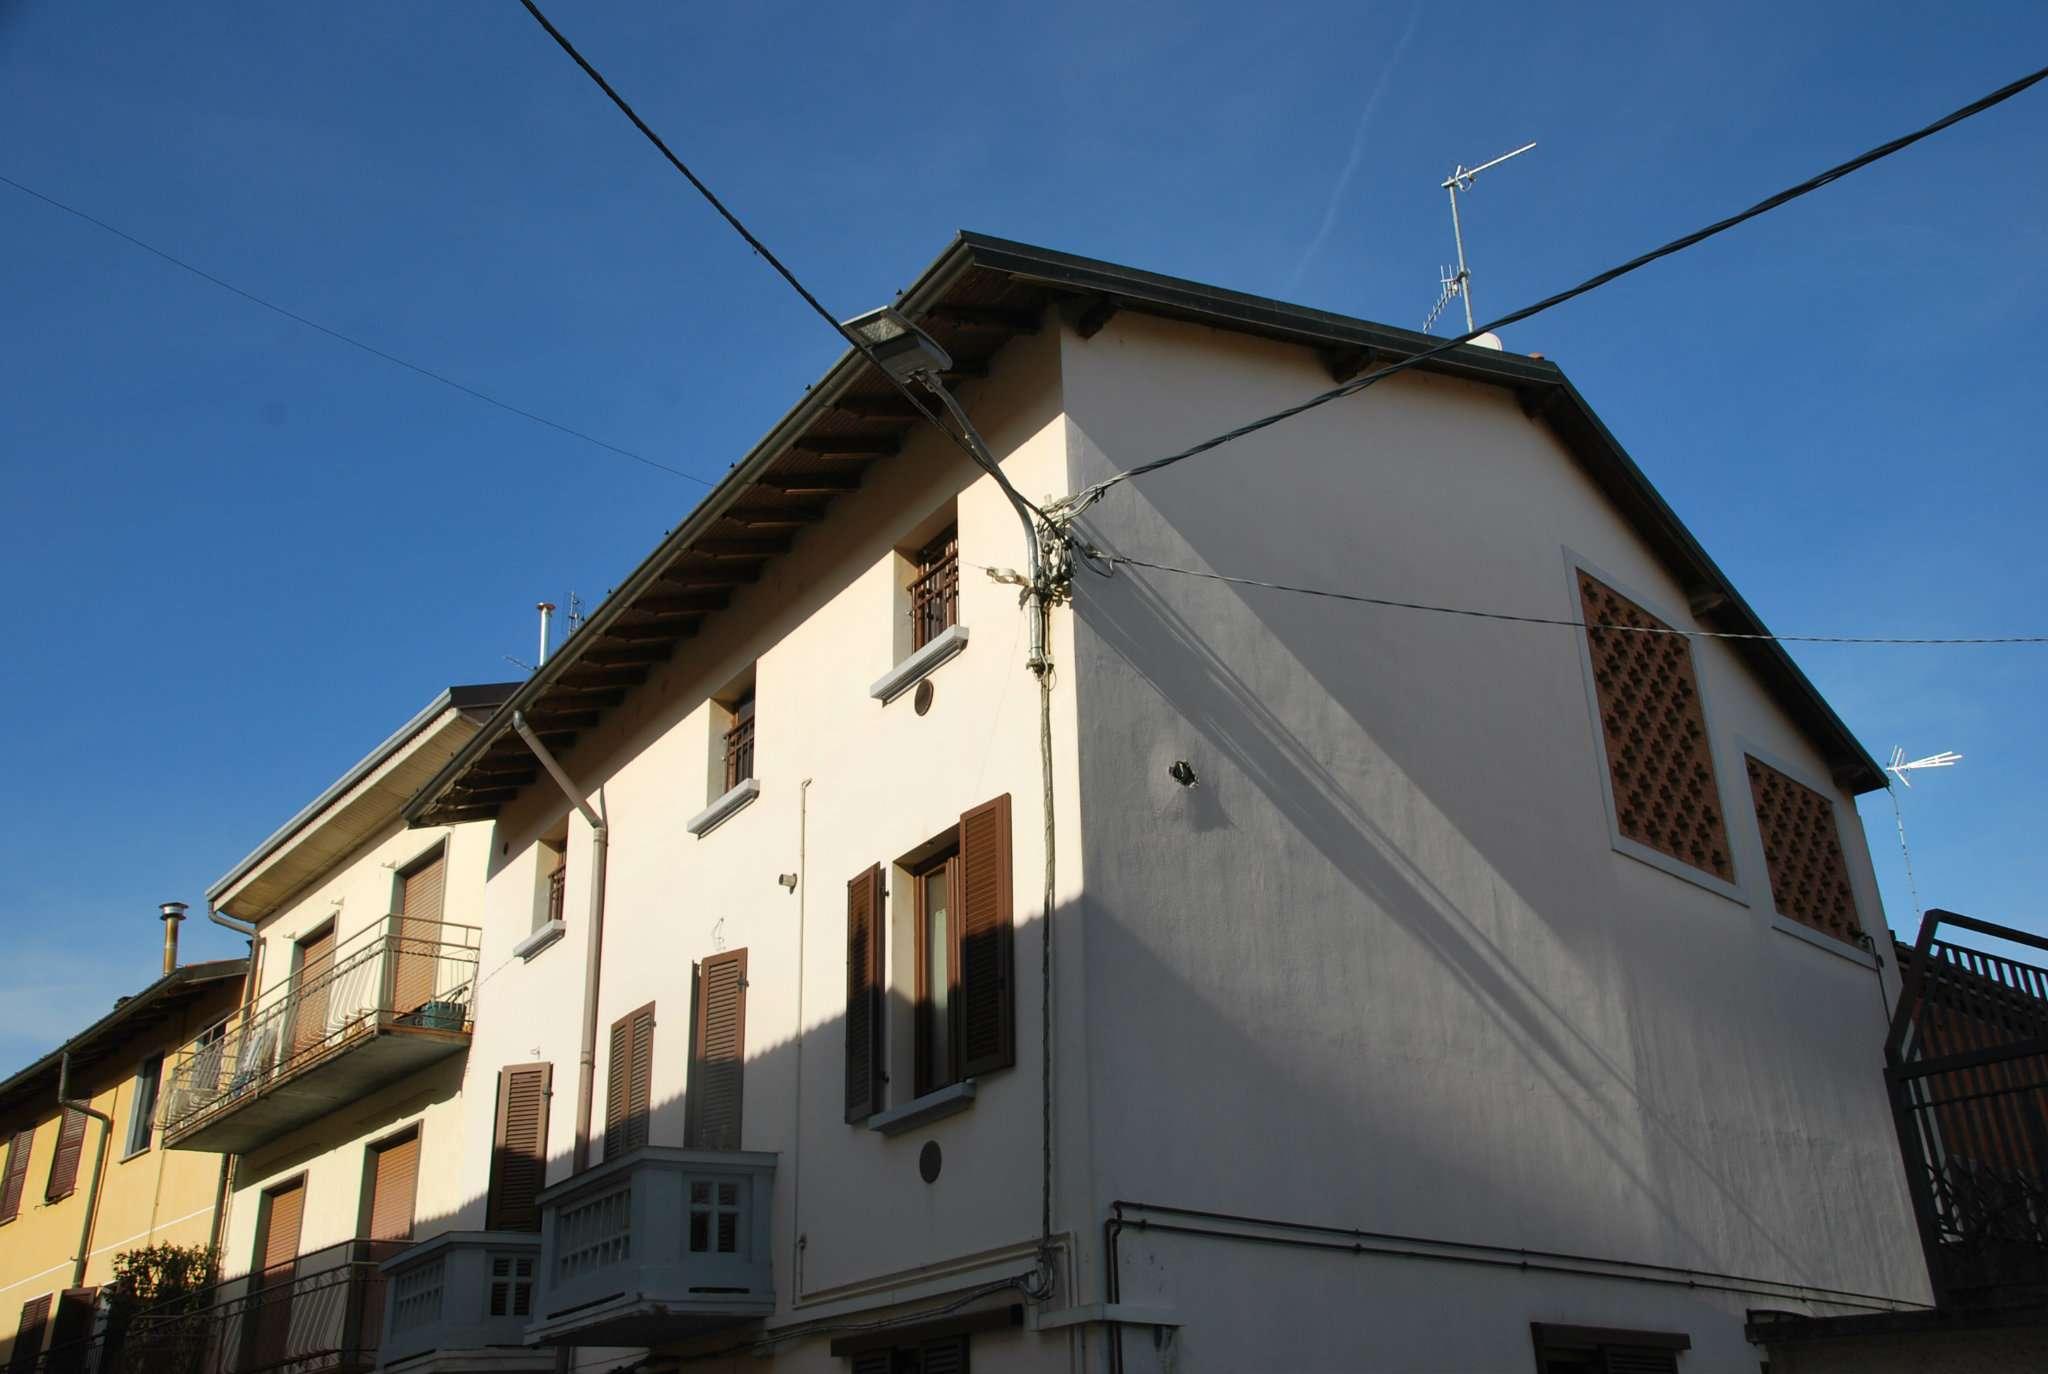 Appartamento in vendita a Lurago Marinone, 2 locali, prezzo € 82.000 | PortaleAgenzieImmobiliari.it